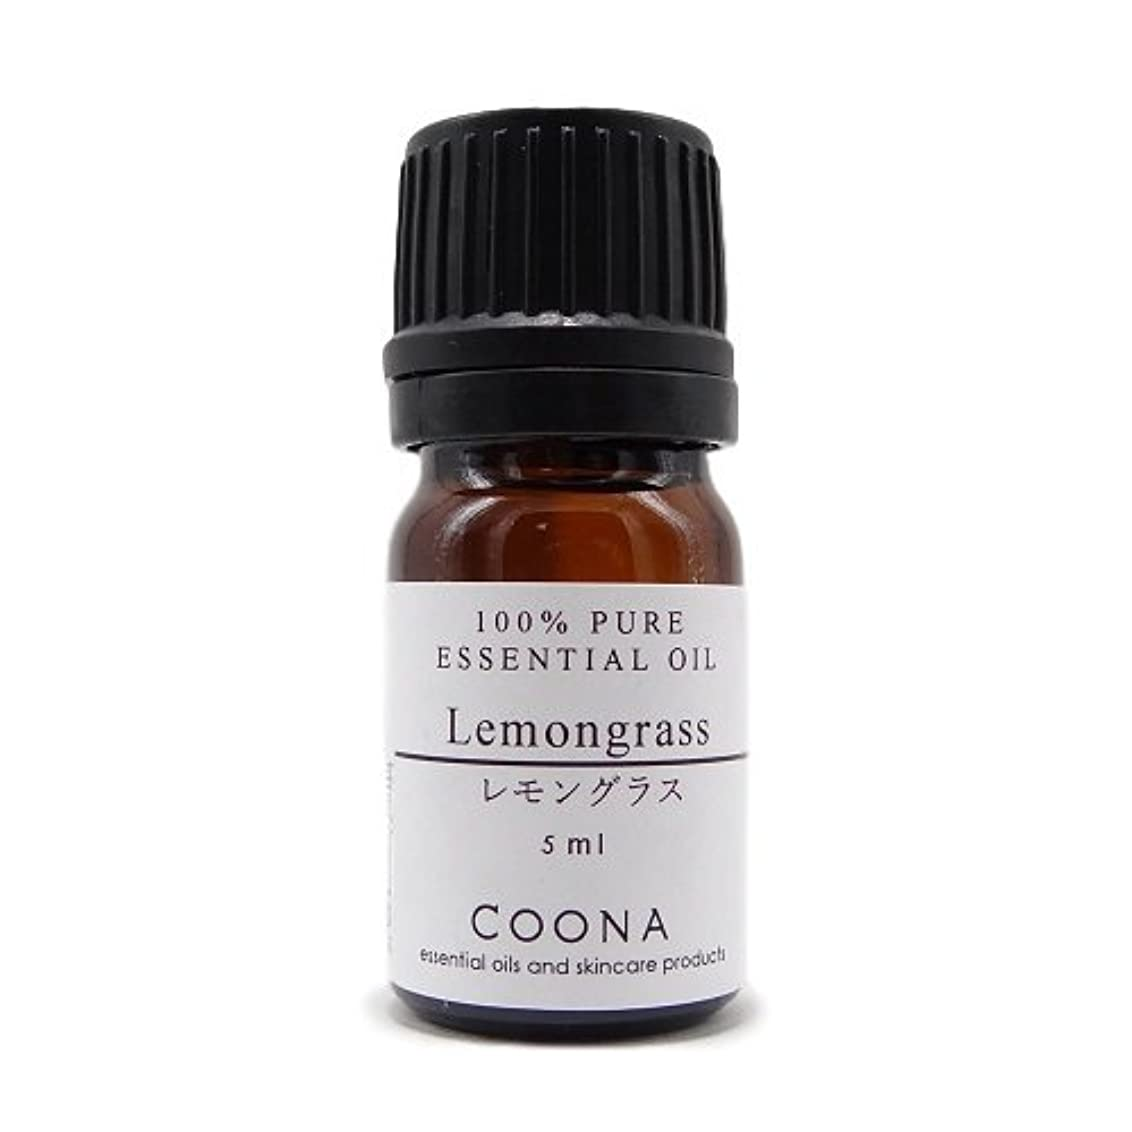 レモングラス 5ml (COONA エッセンシャルオイル アロマオイル 100%天然植物精油)